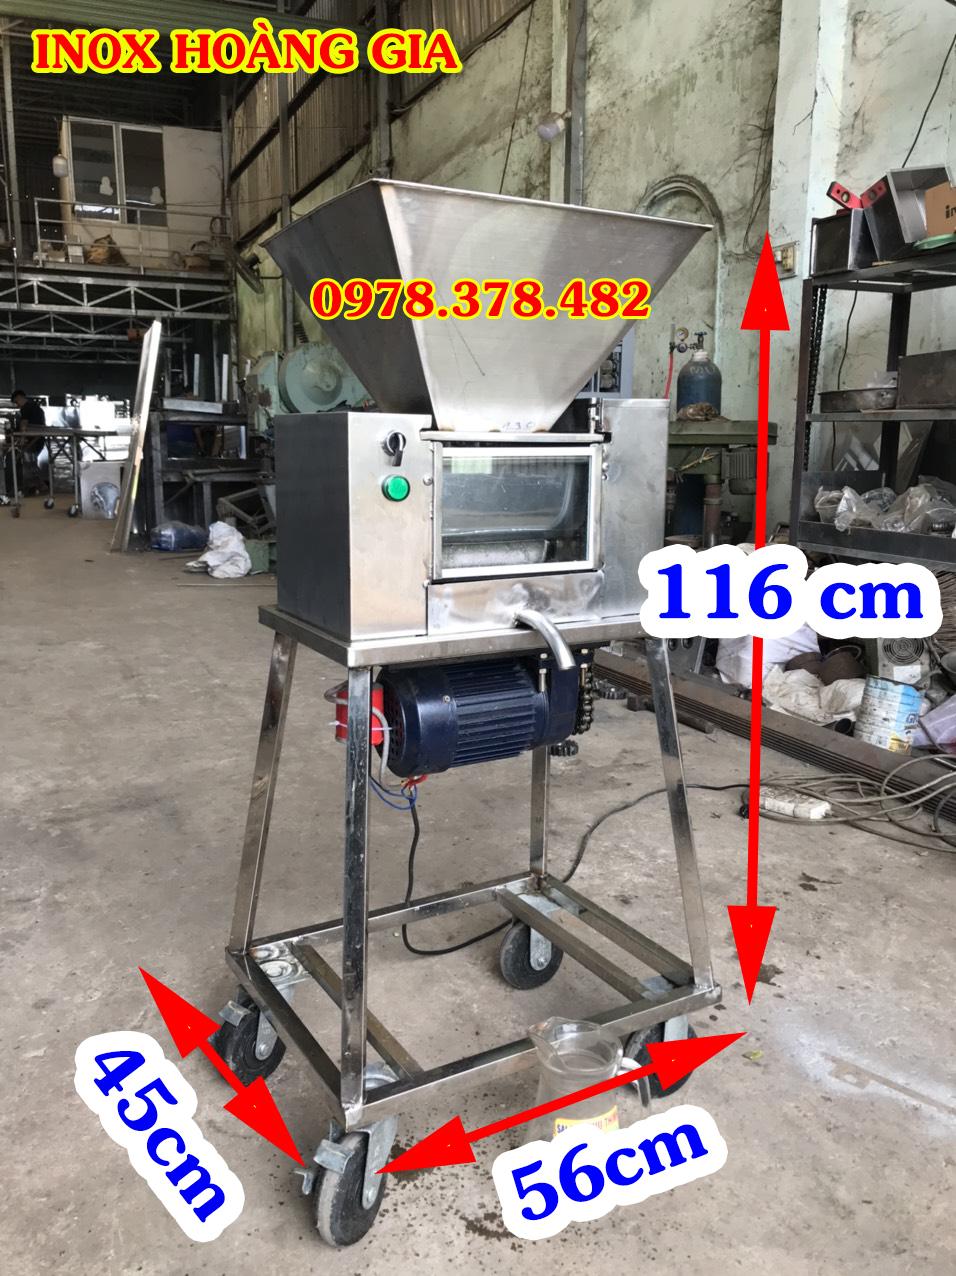 máy ép chanh công nghiệp, máy ép chanh, máy ép nước cốt chanh, ép cốt chanh, máy ép nước cốt, nước cốt chanh, máy vắt chanh, máy vắt cốt chanh, máy vắt nước cốt chanh